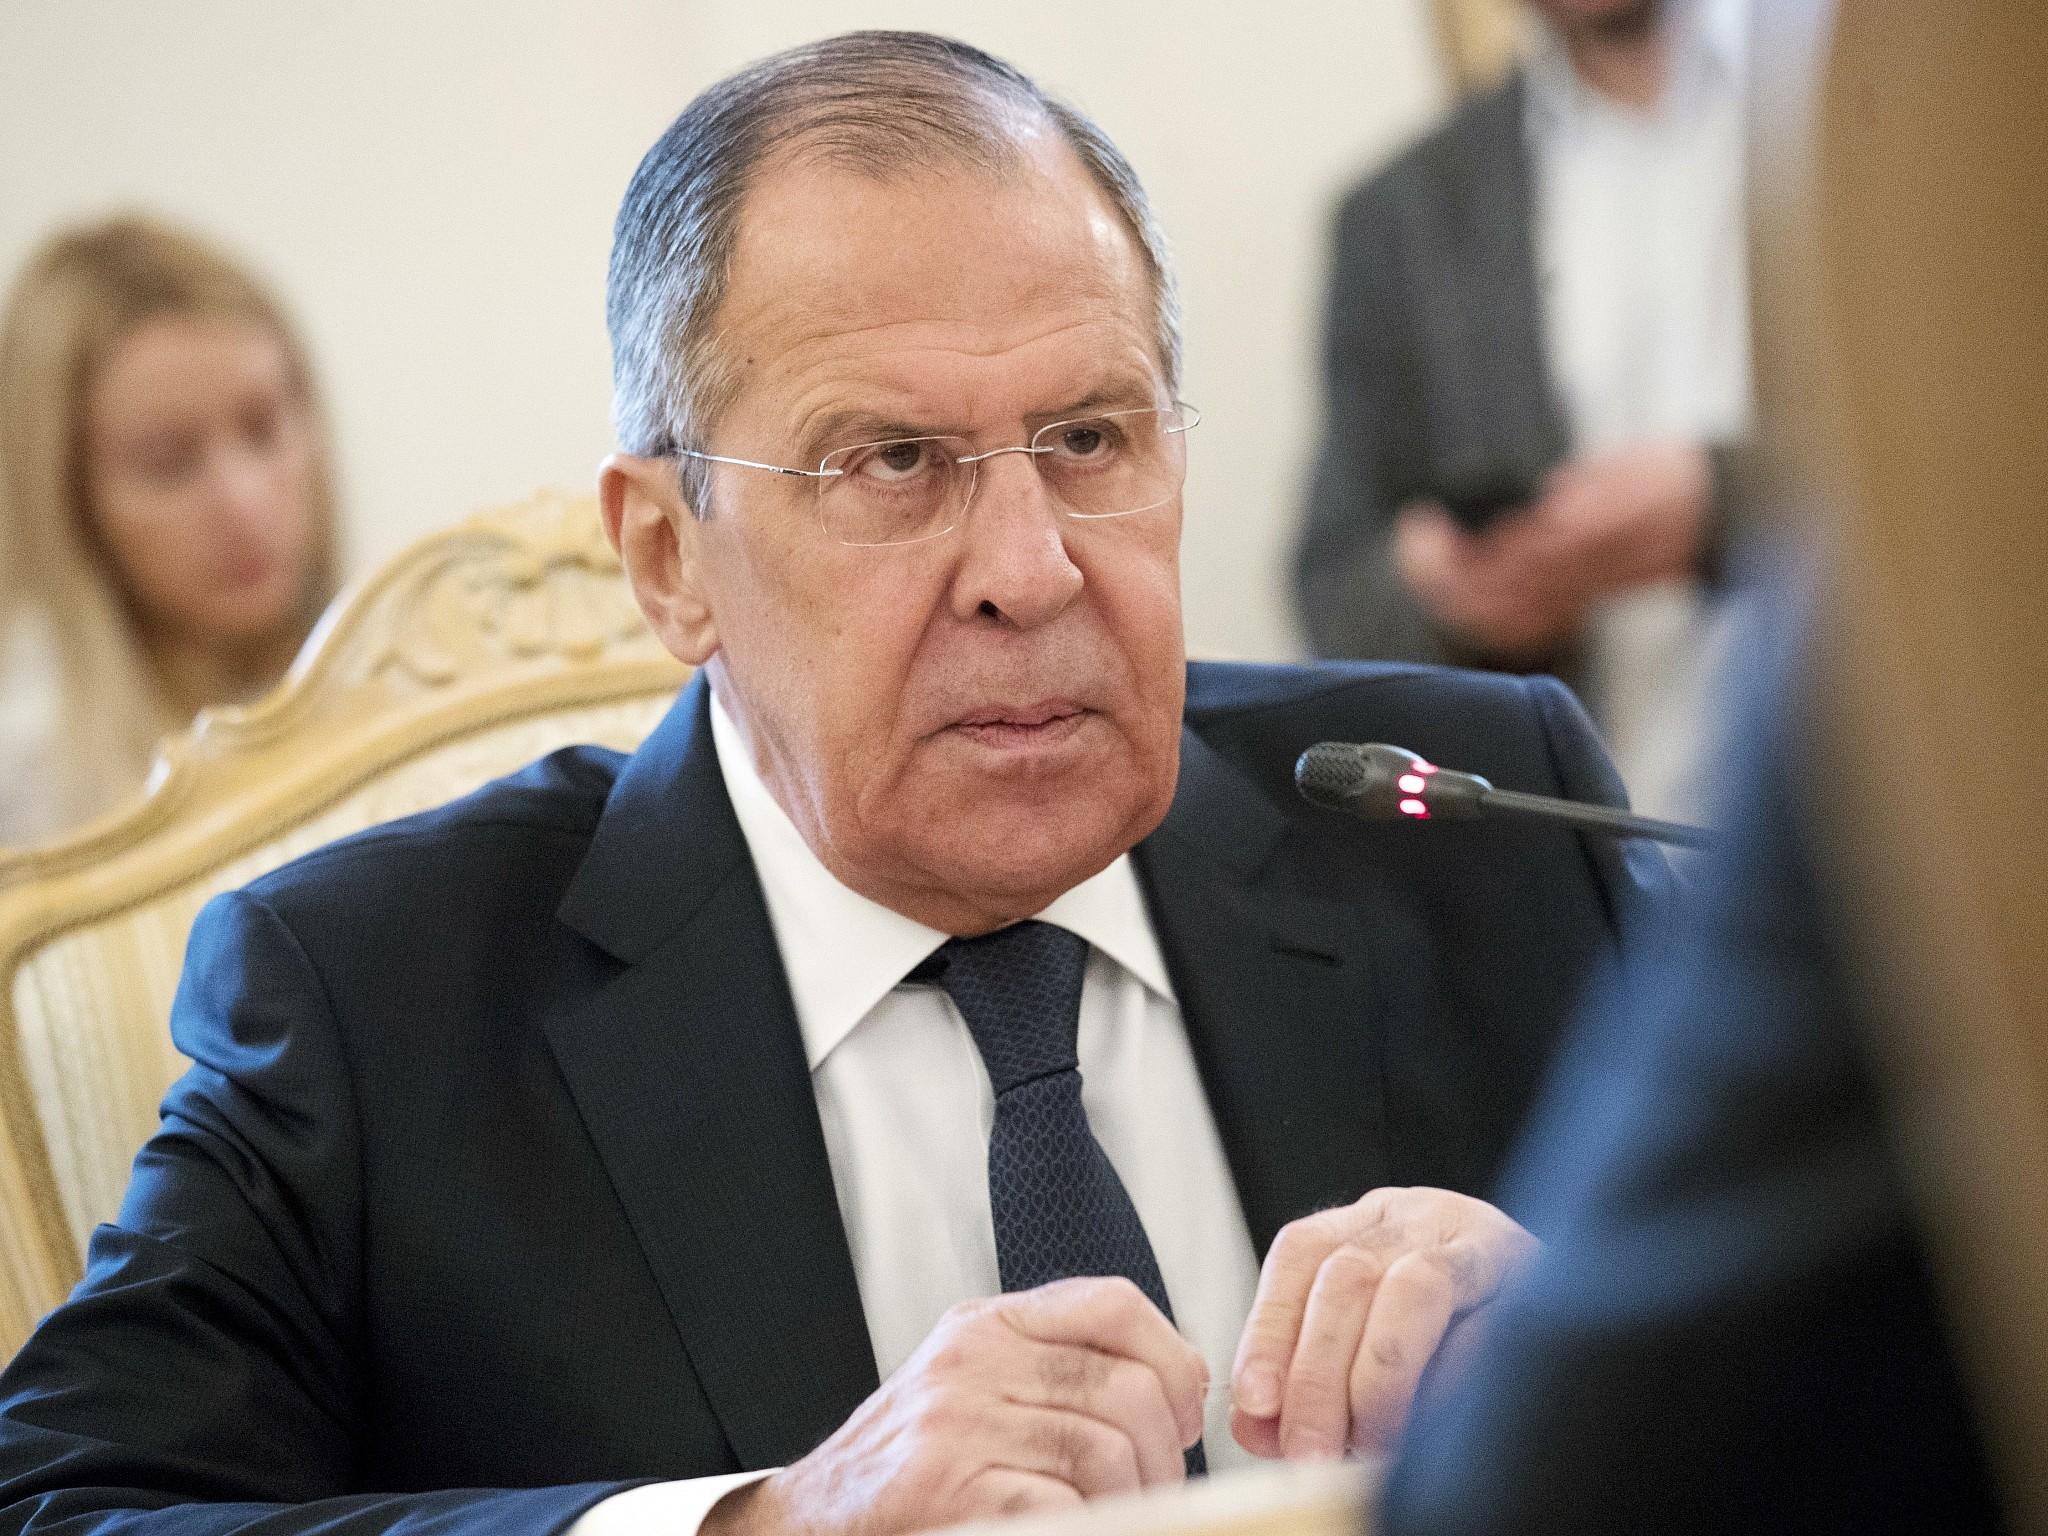 Britain Expels 23 Russian Diplomats